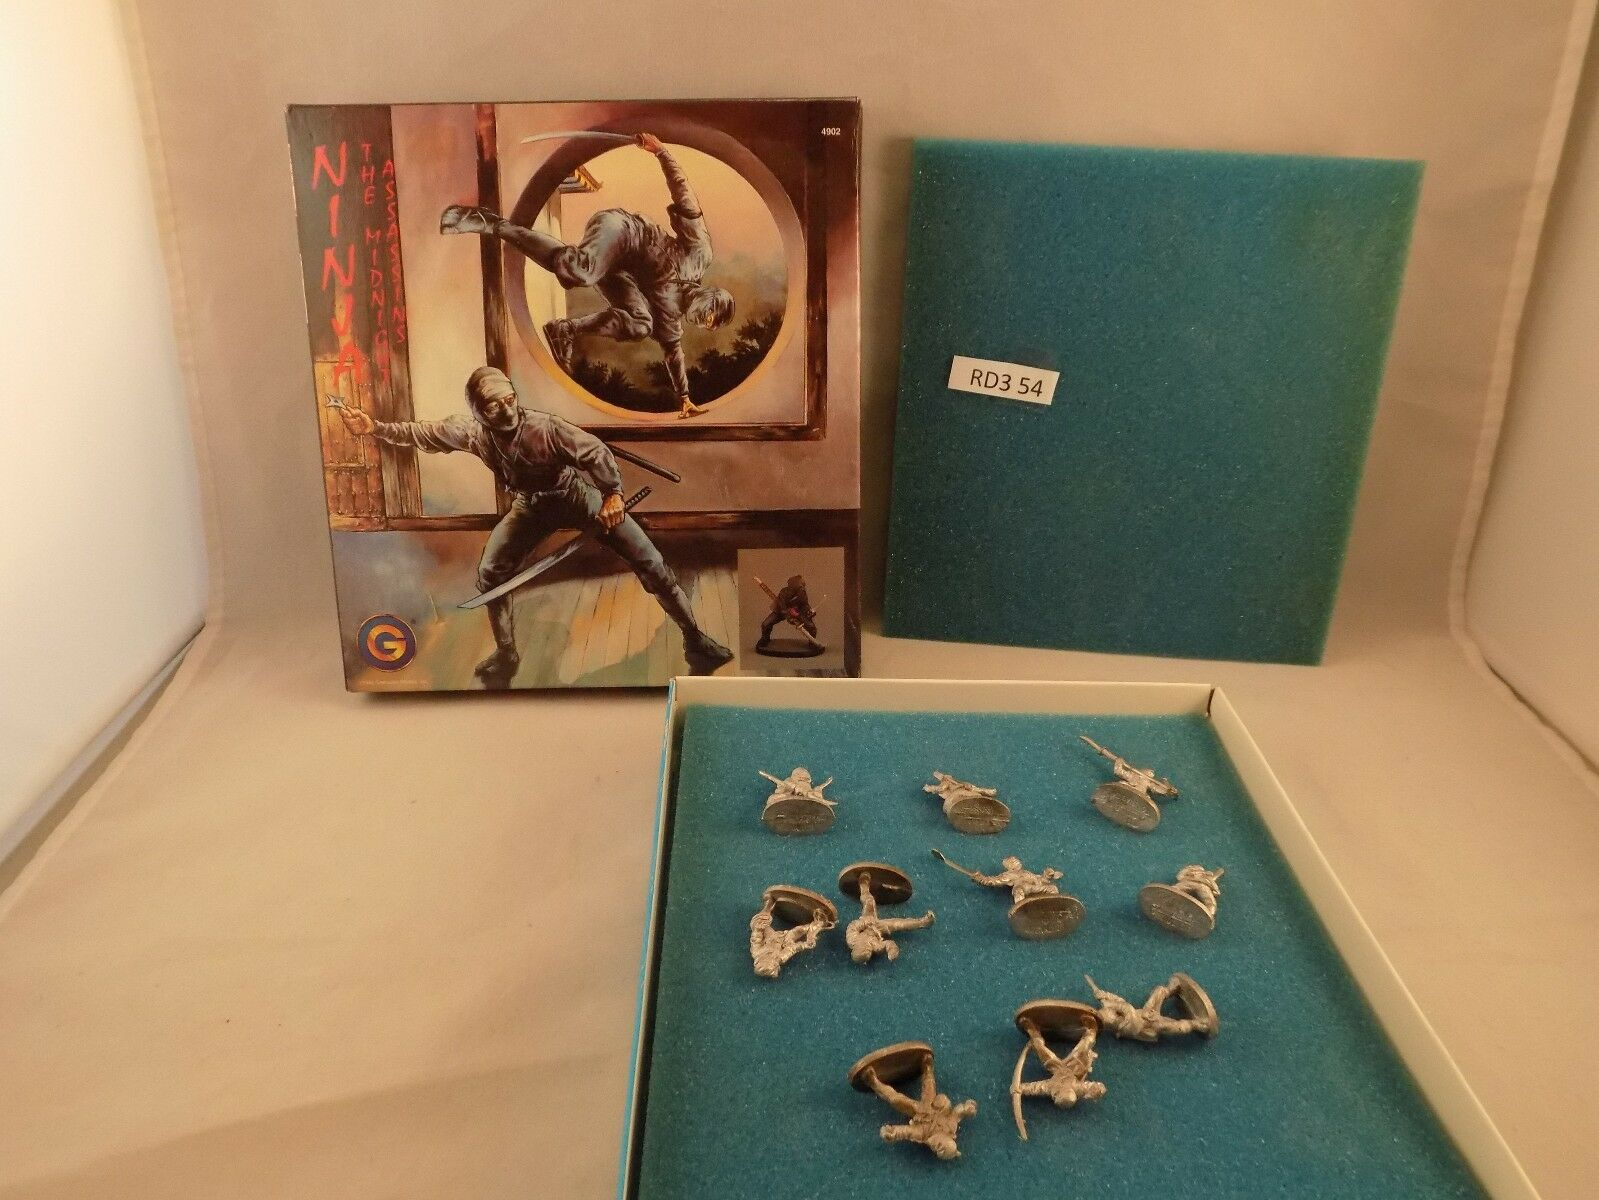 Grenadier Models figures NINJA The Midnight Assassins Boxset (RD3 54)